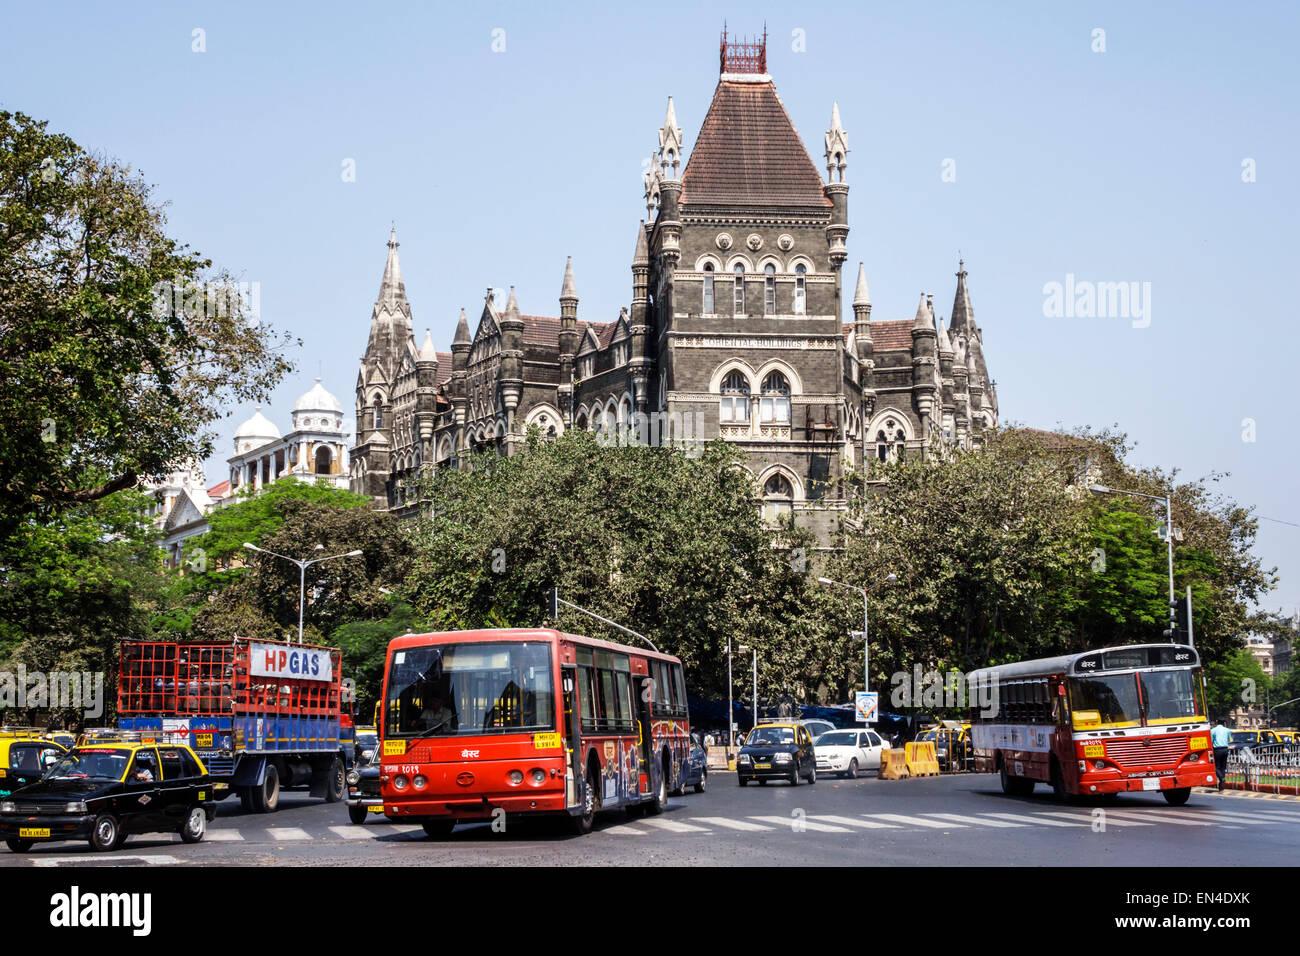 Inde Mumbai Mumbai Fort asiatique Mahatma Gandhi Road trafic voitures automobiles Bâtiments orientaux meilleurs Photo Stock